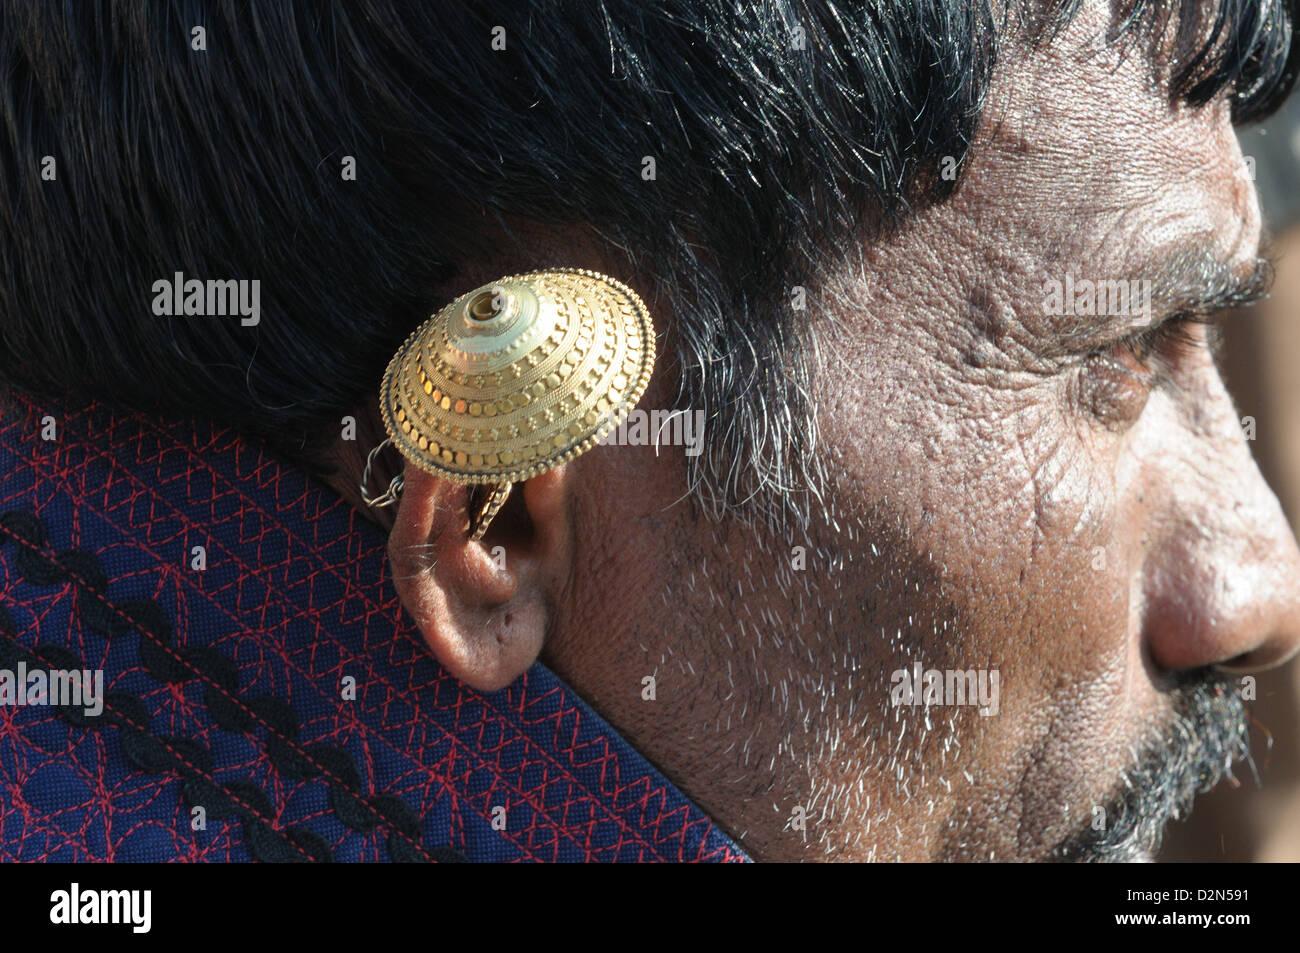 Anneau d'oreille en or porté par un Maldhari Gujjar, Gujarat, Inde, Asie Photo Stock